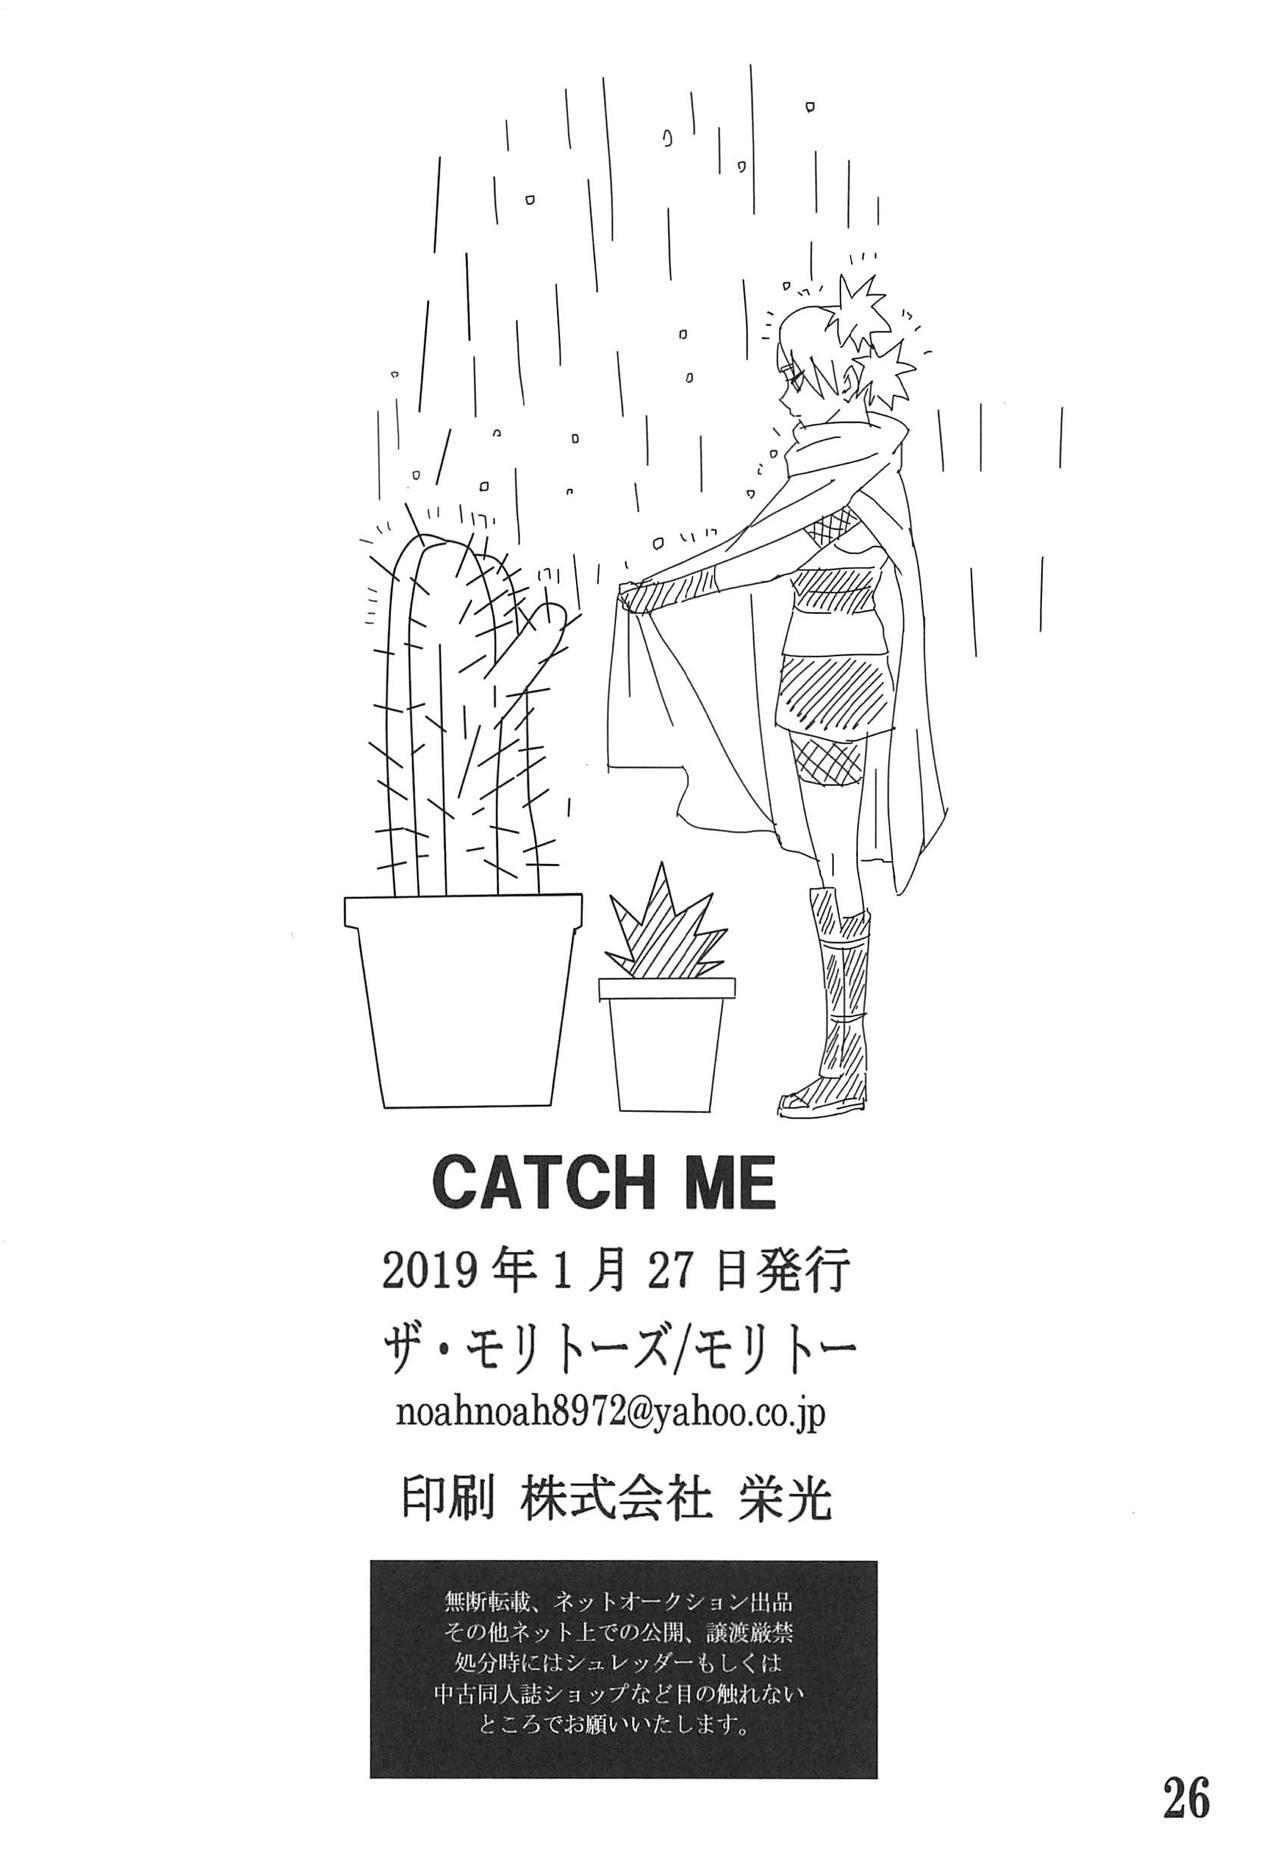 CATCH ME 24